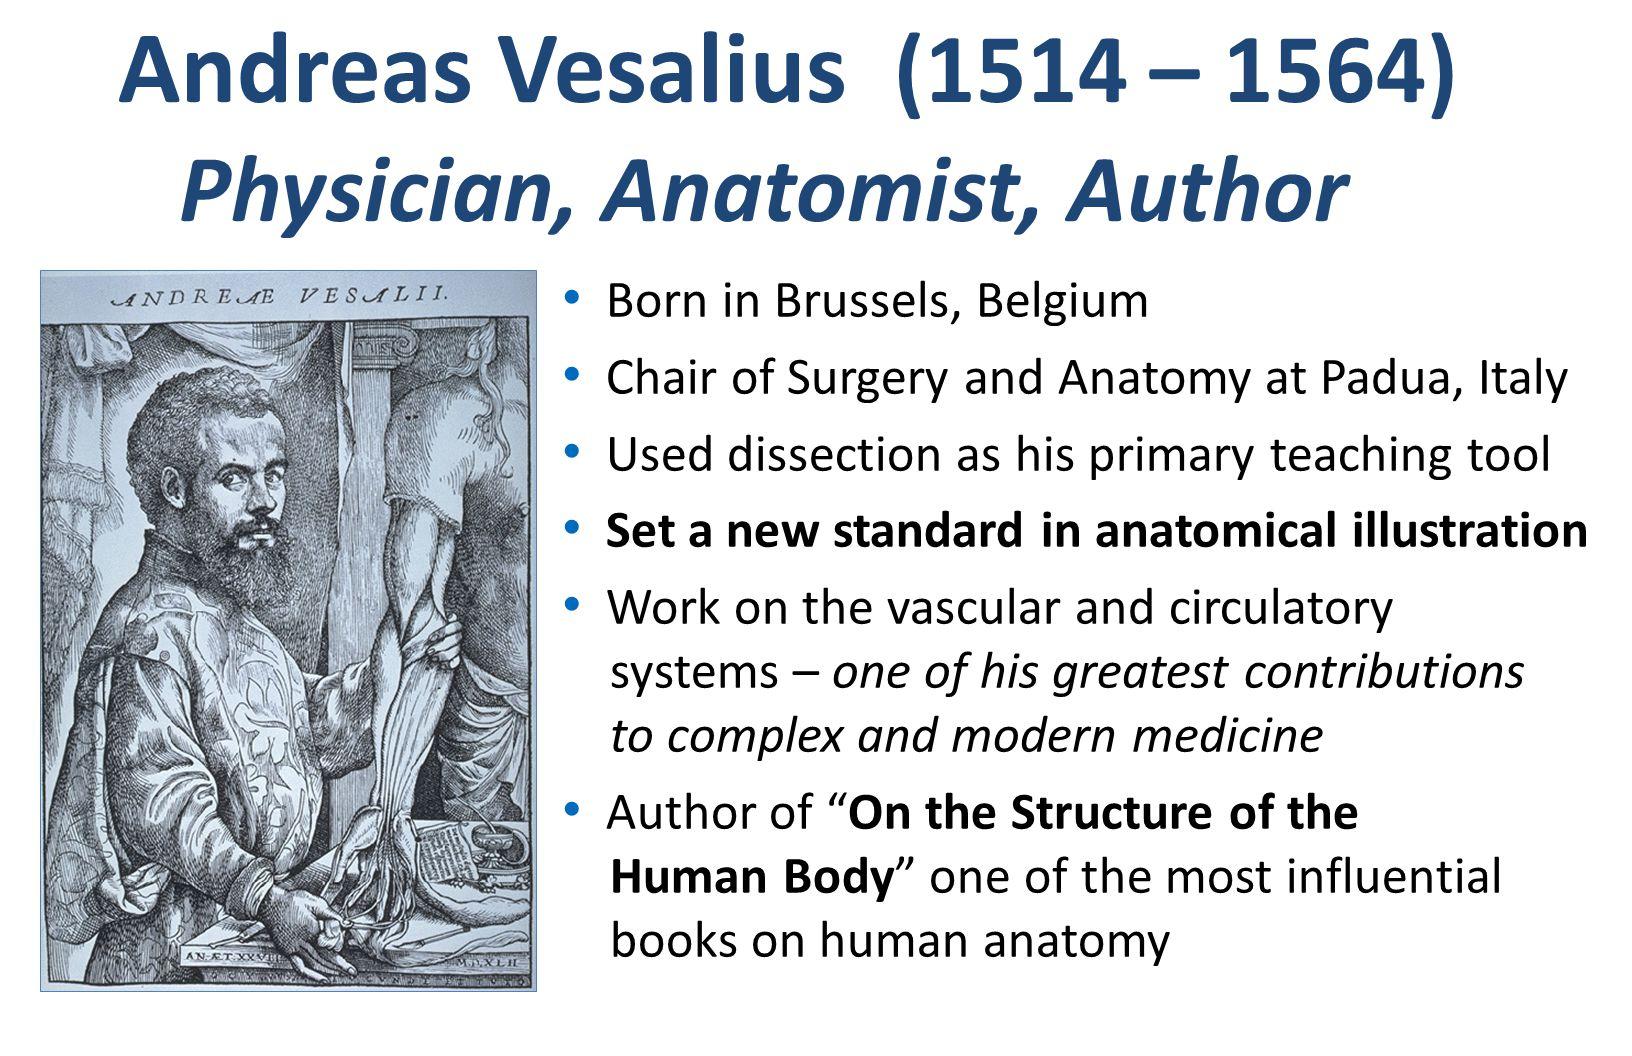 Physician, Anatomist, Author